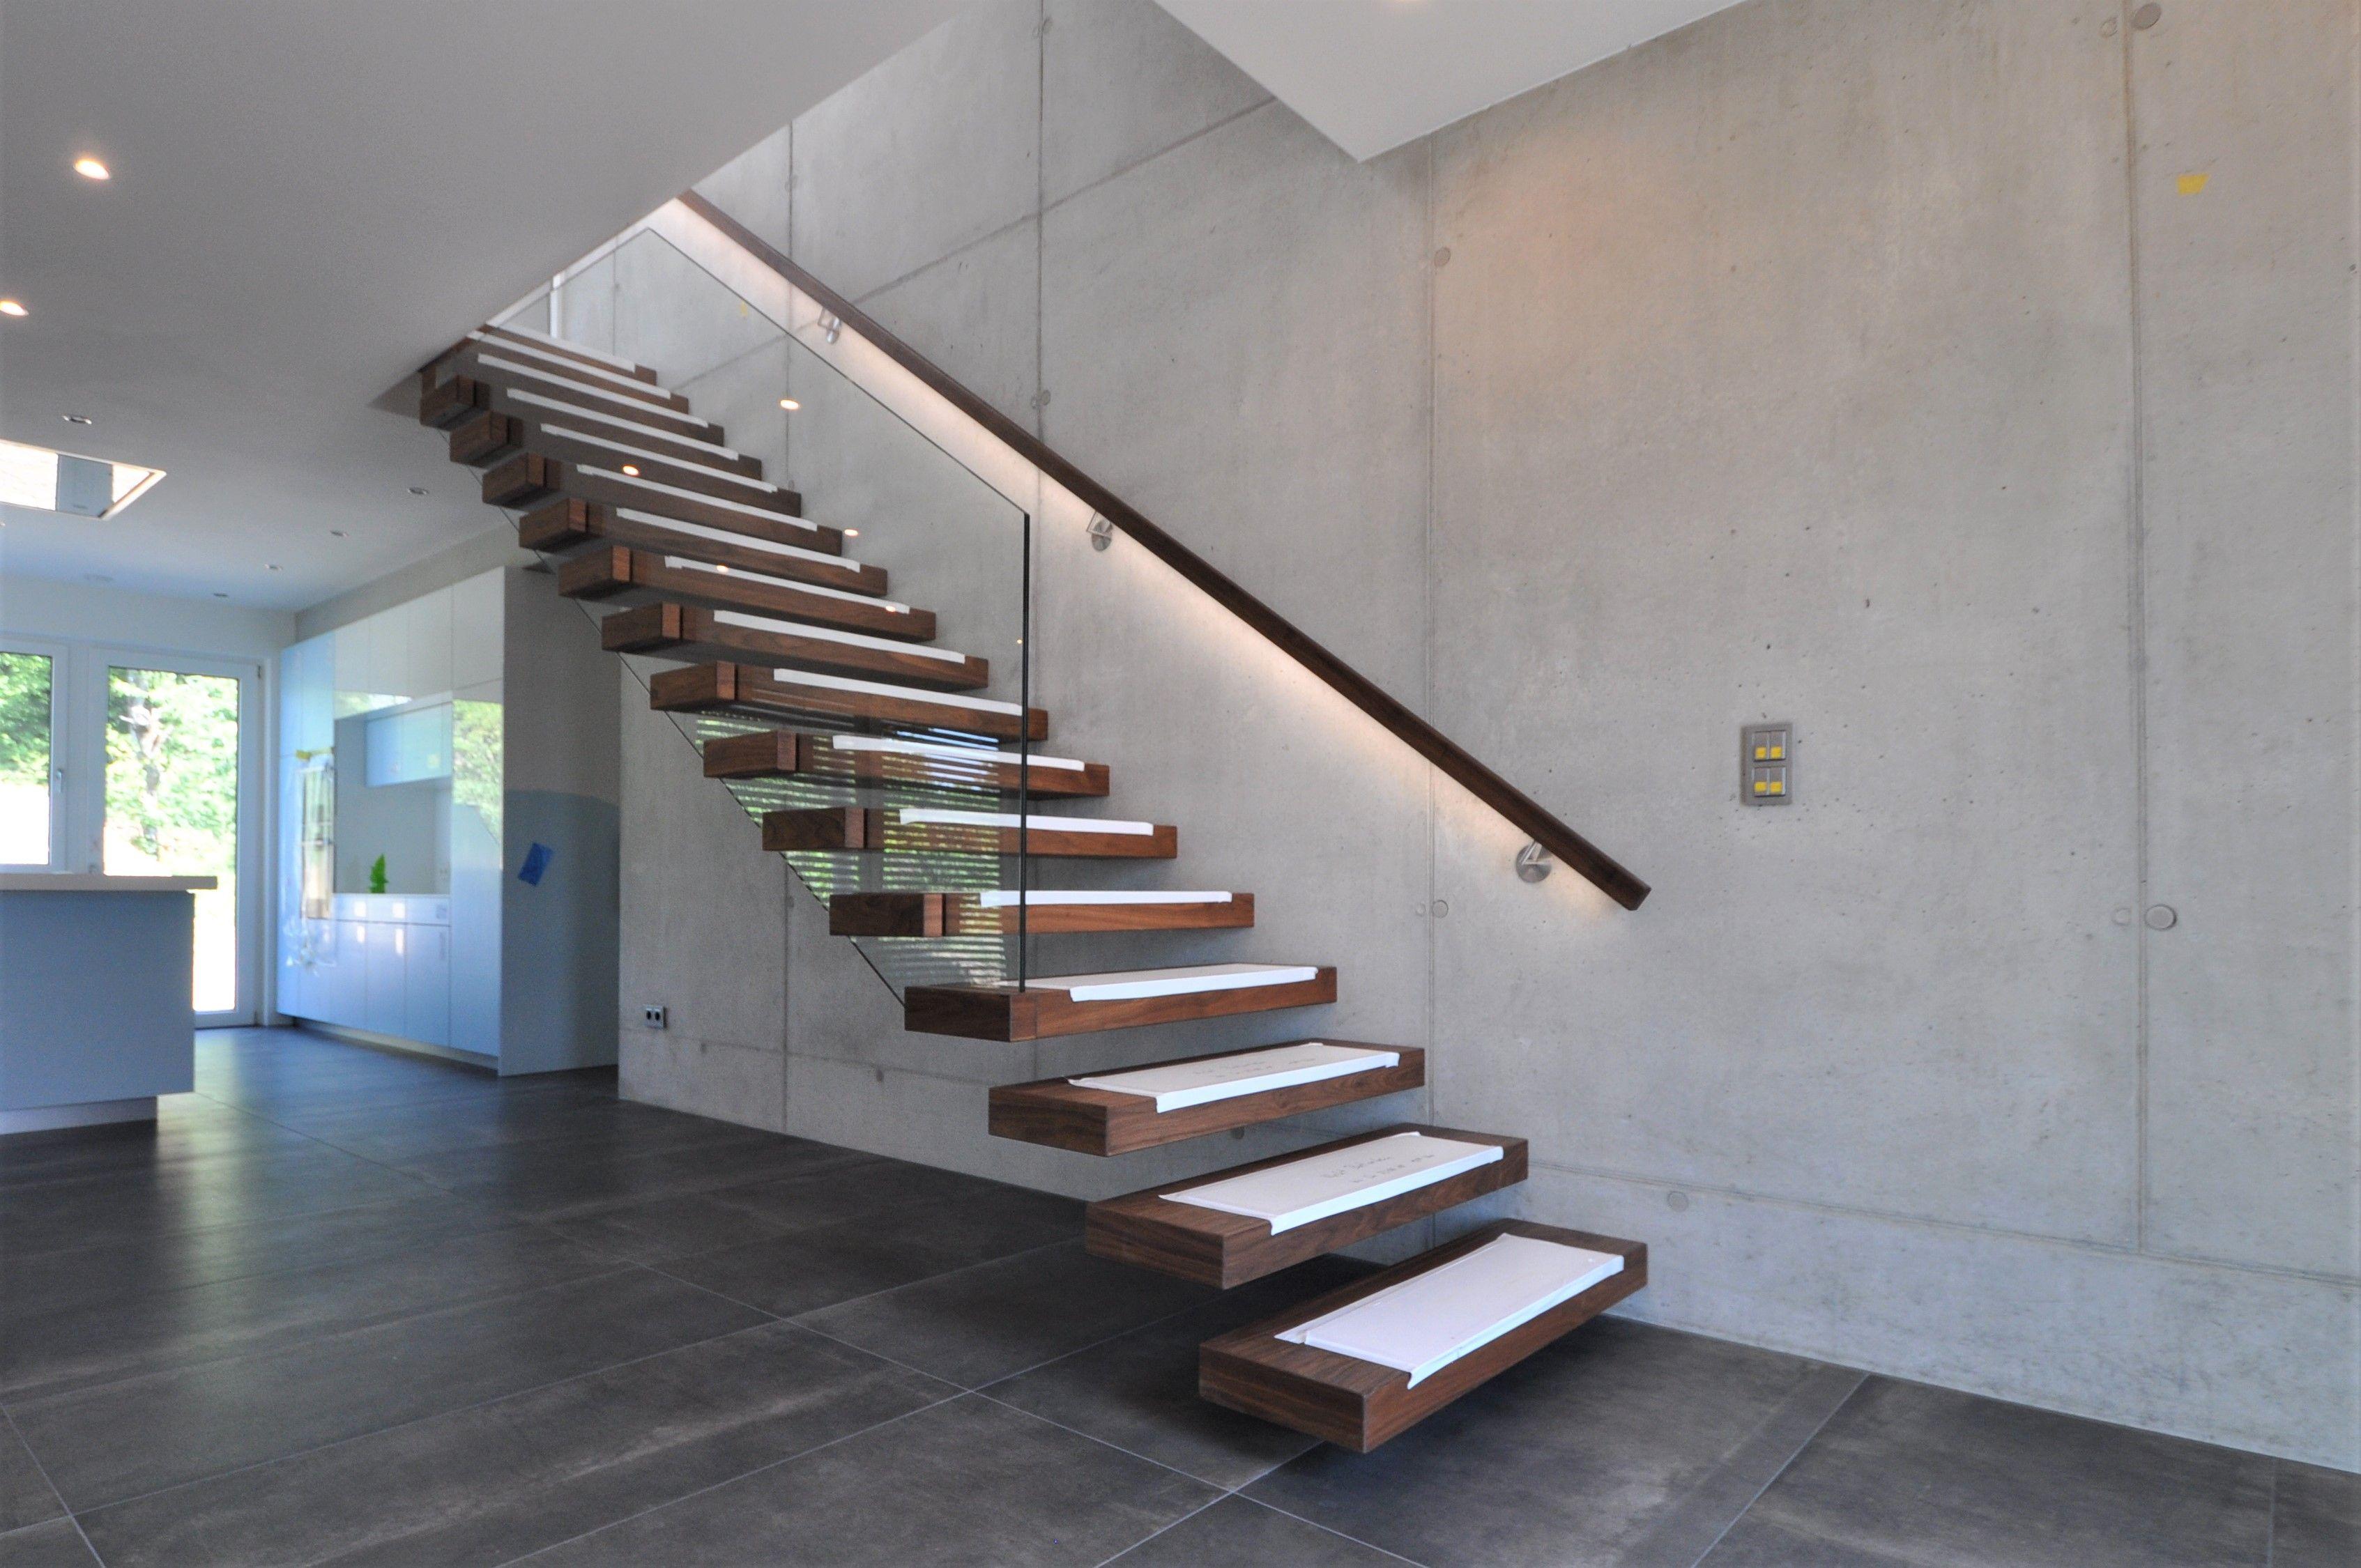 die kragarmtreppe ist noch mit dem stufenschutz nach der montage beklebt das highlight der. Black Bedroom Furniture Sets. Home Design Ideas